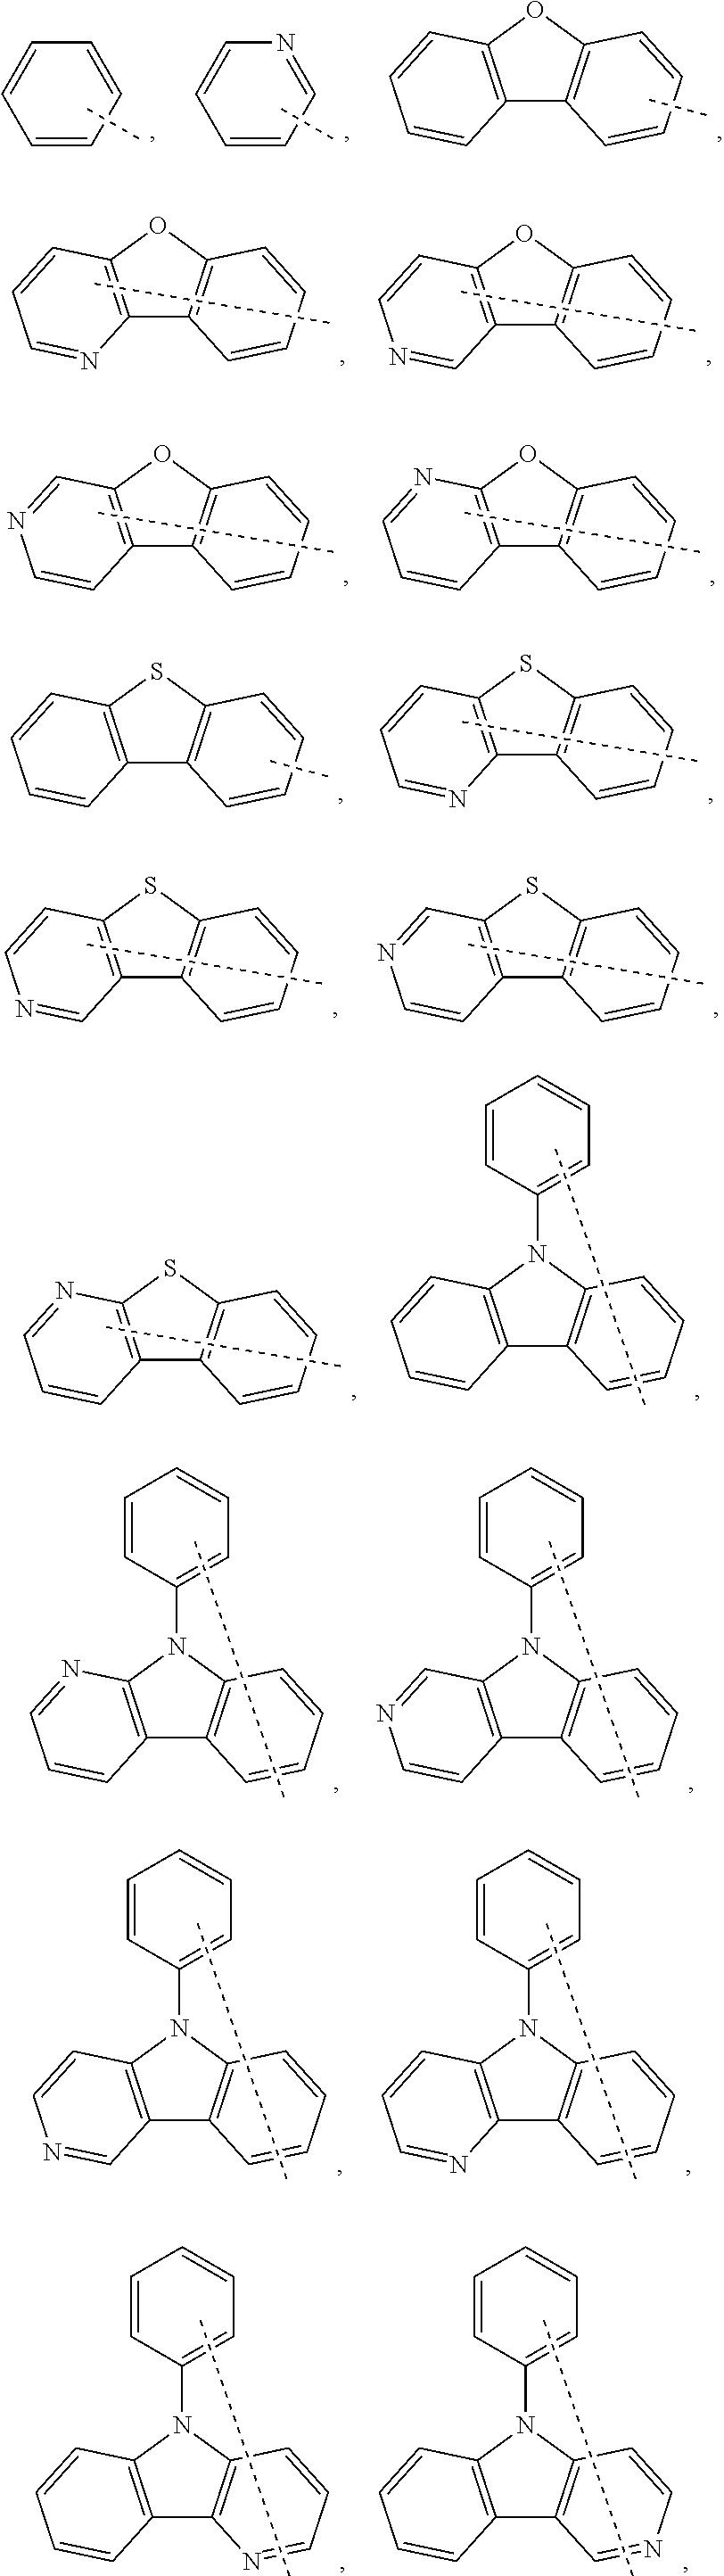 Figure US10056565-20180821-C00015